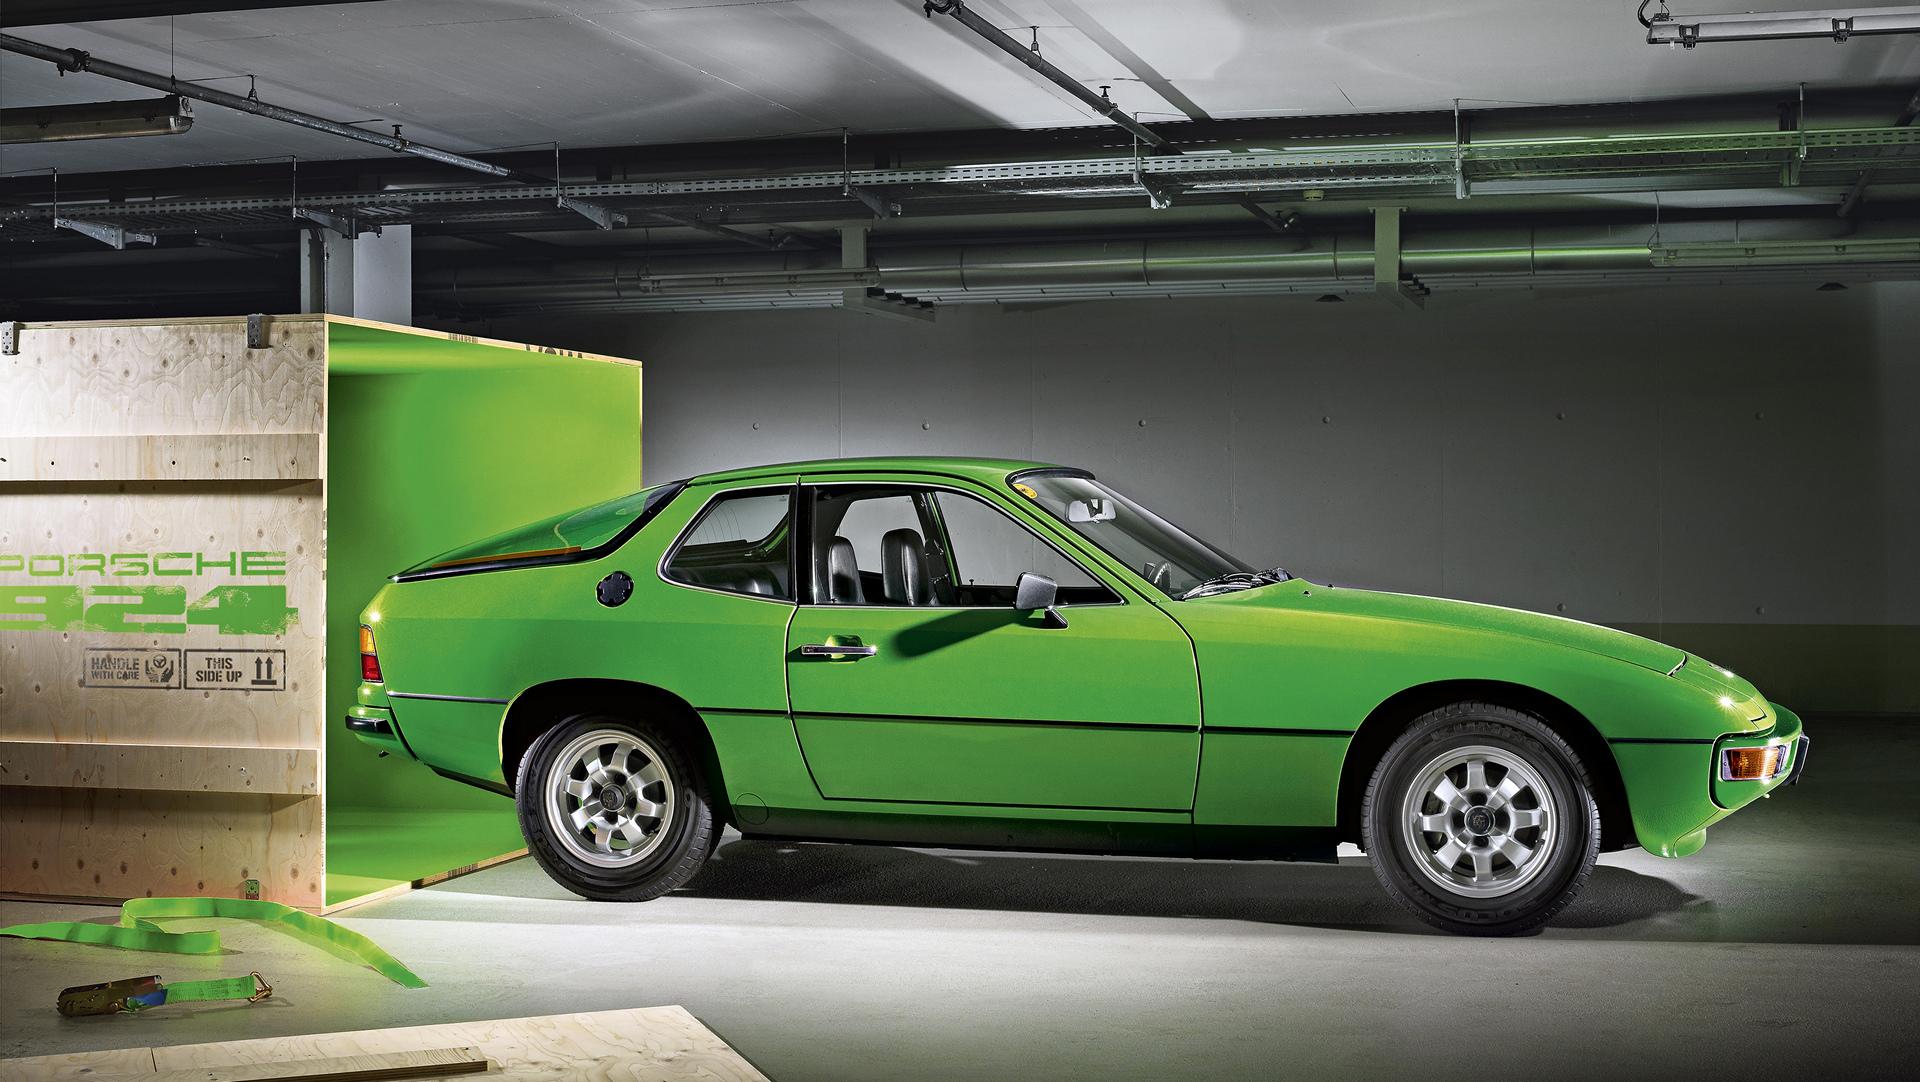 Porsche 924 © Dr. Ing. h.c. F. Porsche AG